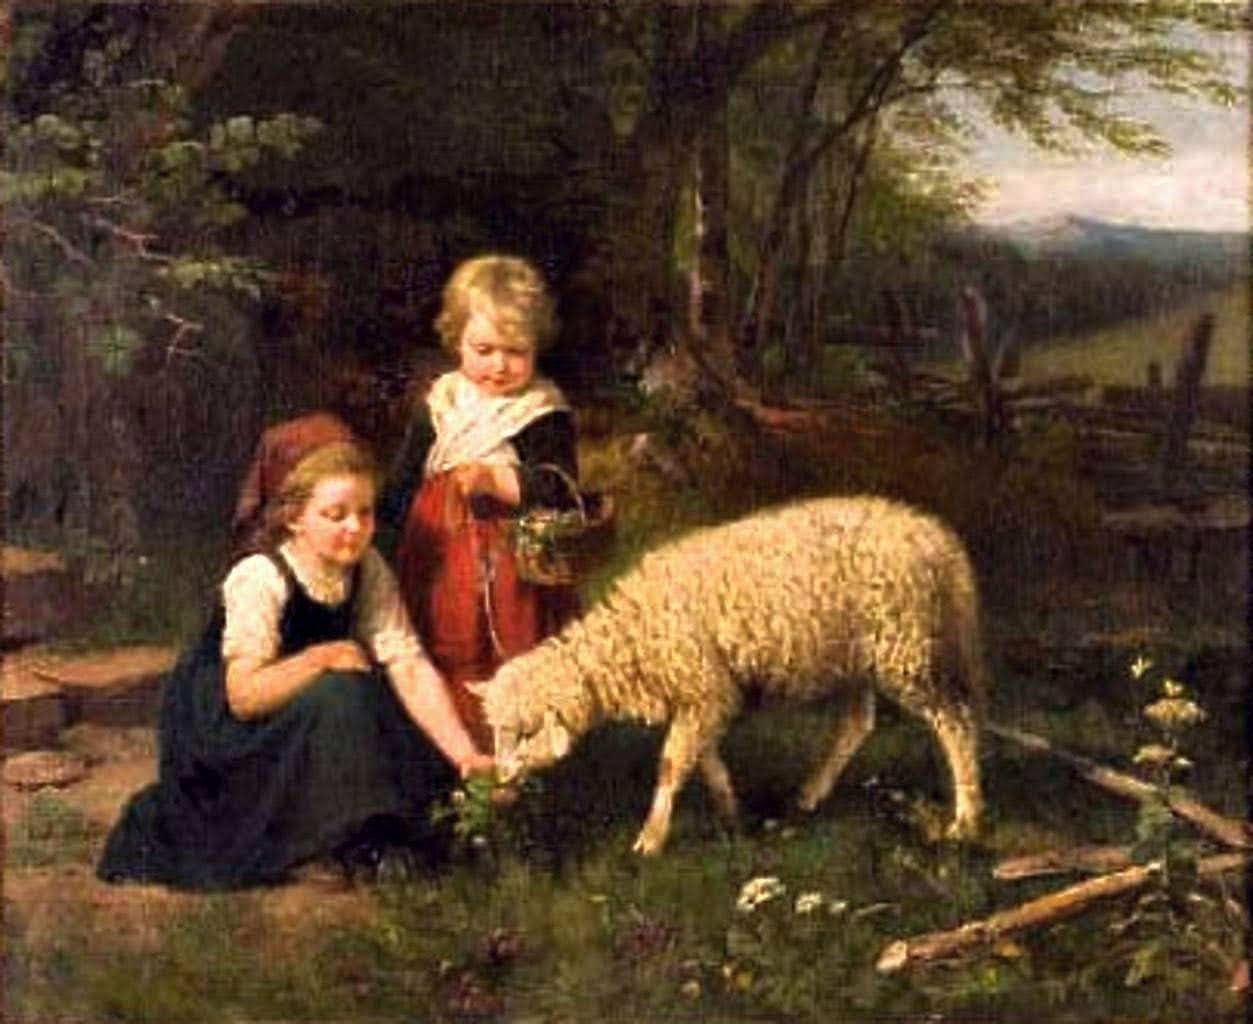 Children feeding lamb